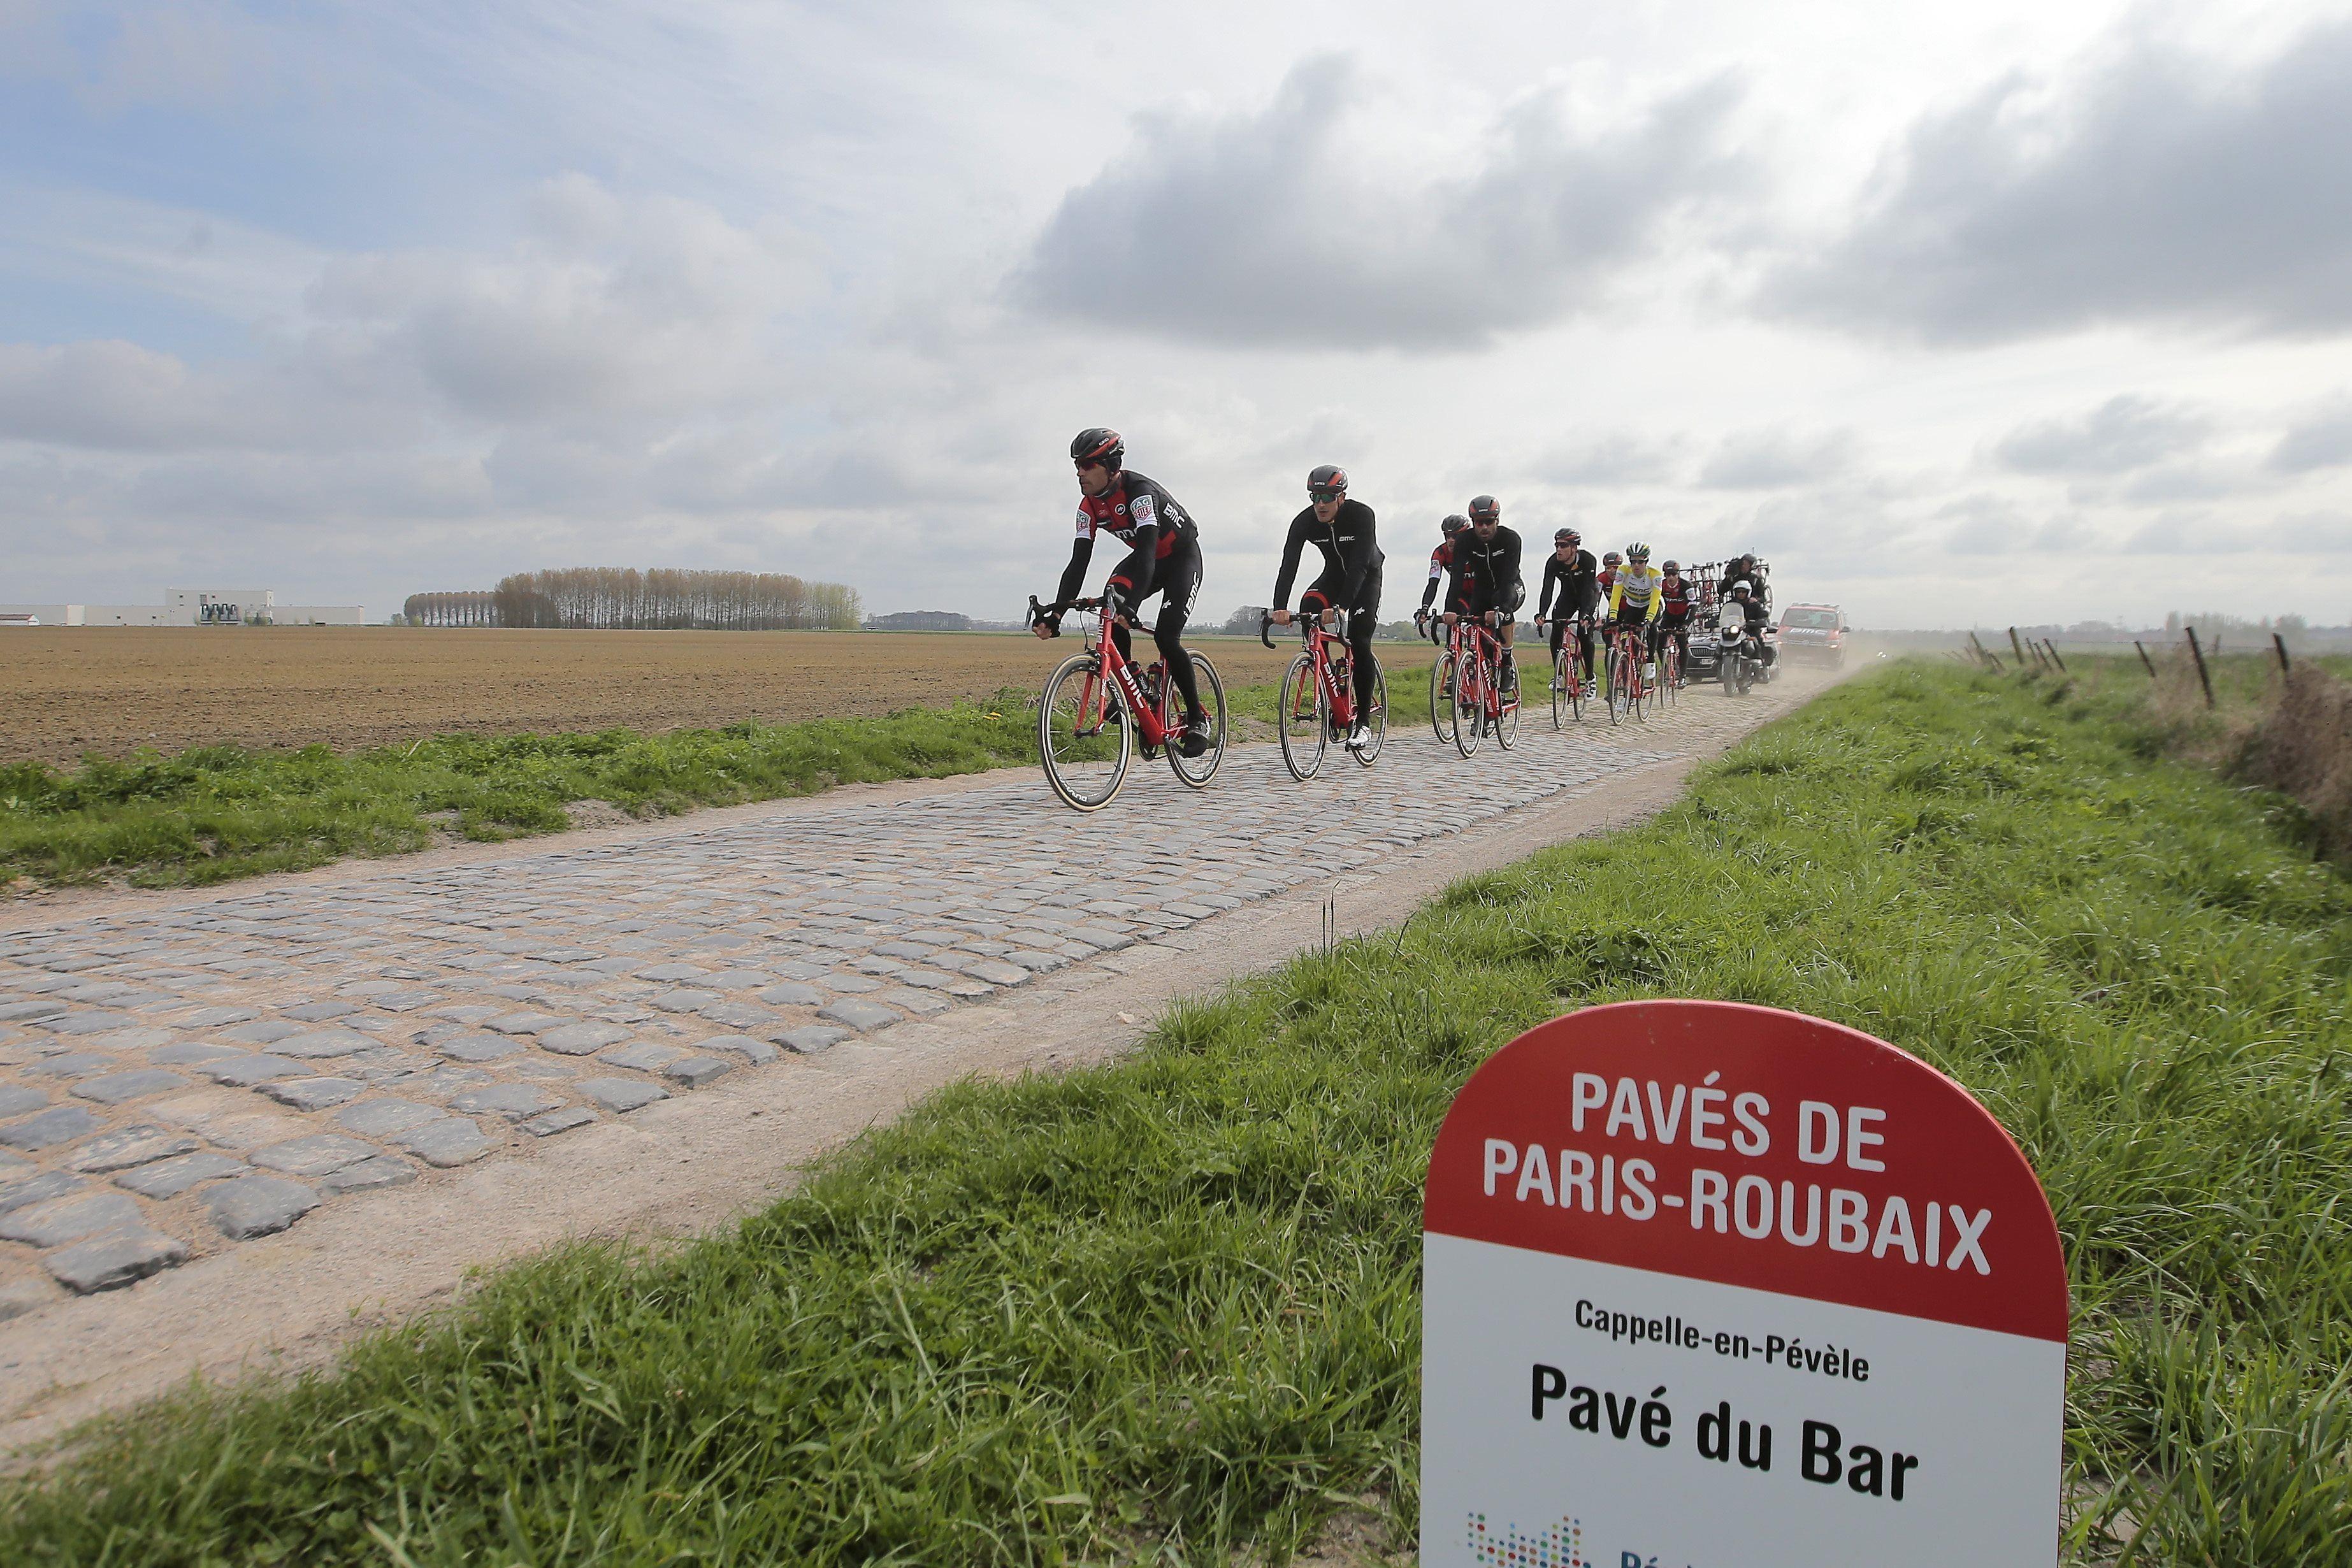 Cyclisme - Tour de France - 21,7 kilomètres de pavés, une épreuve dans l'épreuve